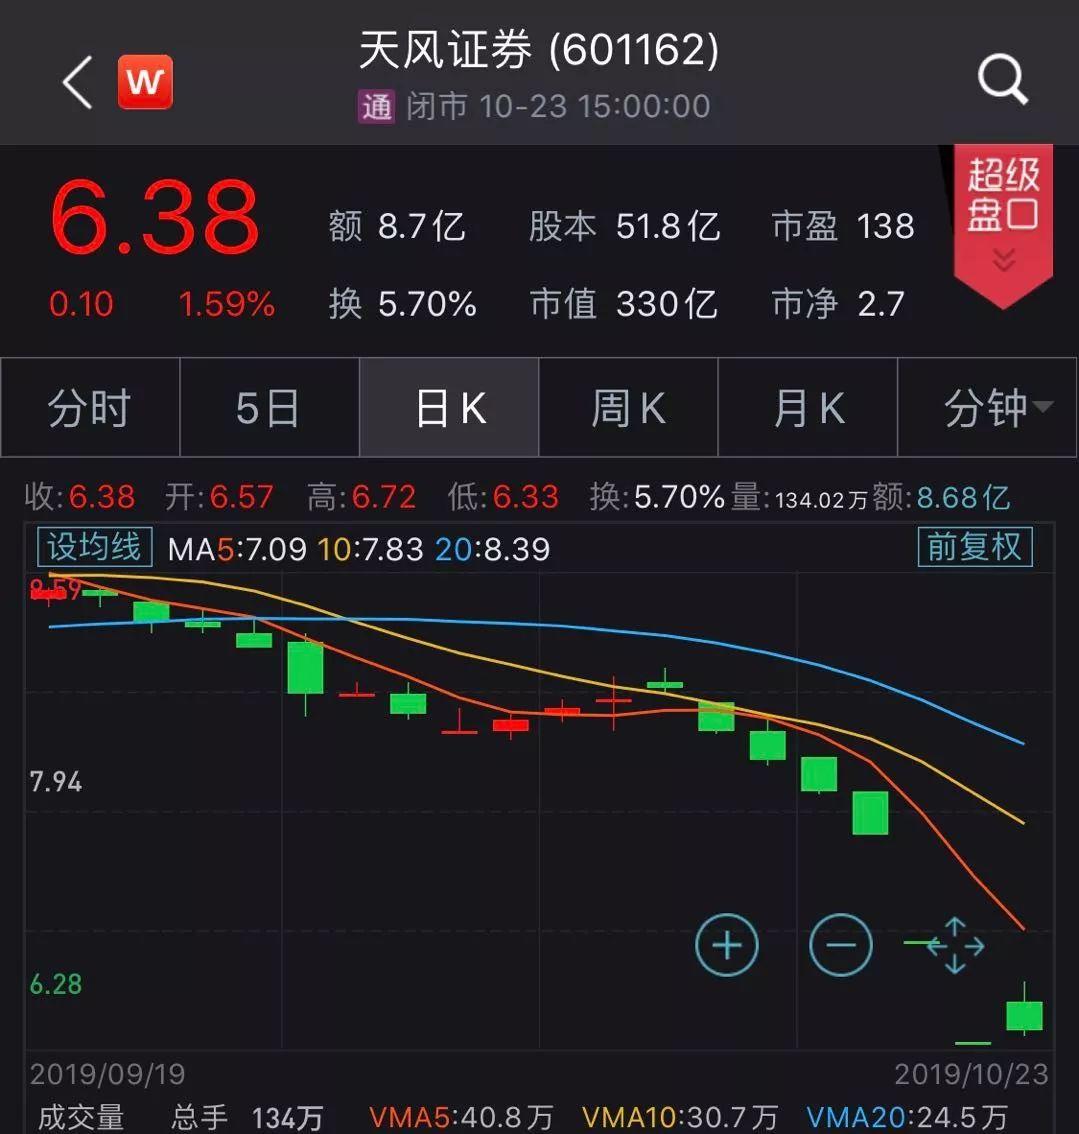 磨丁赌场真人|网易有道正在进行PDIE丨美团单车上调北京地区收费标准